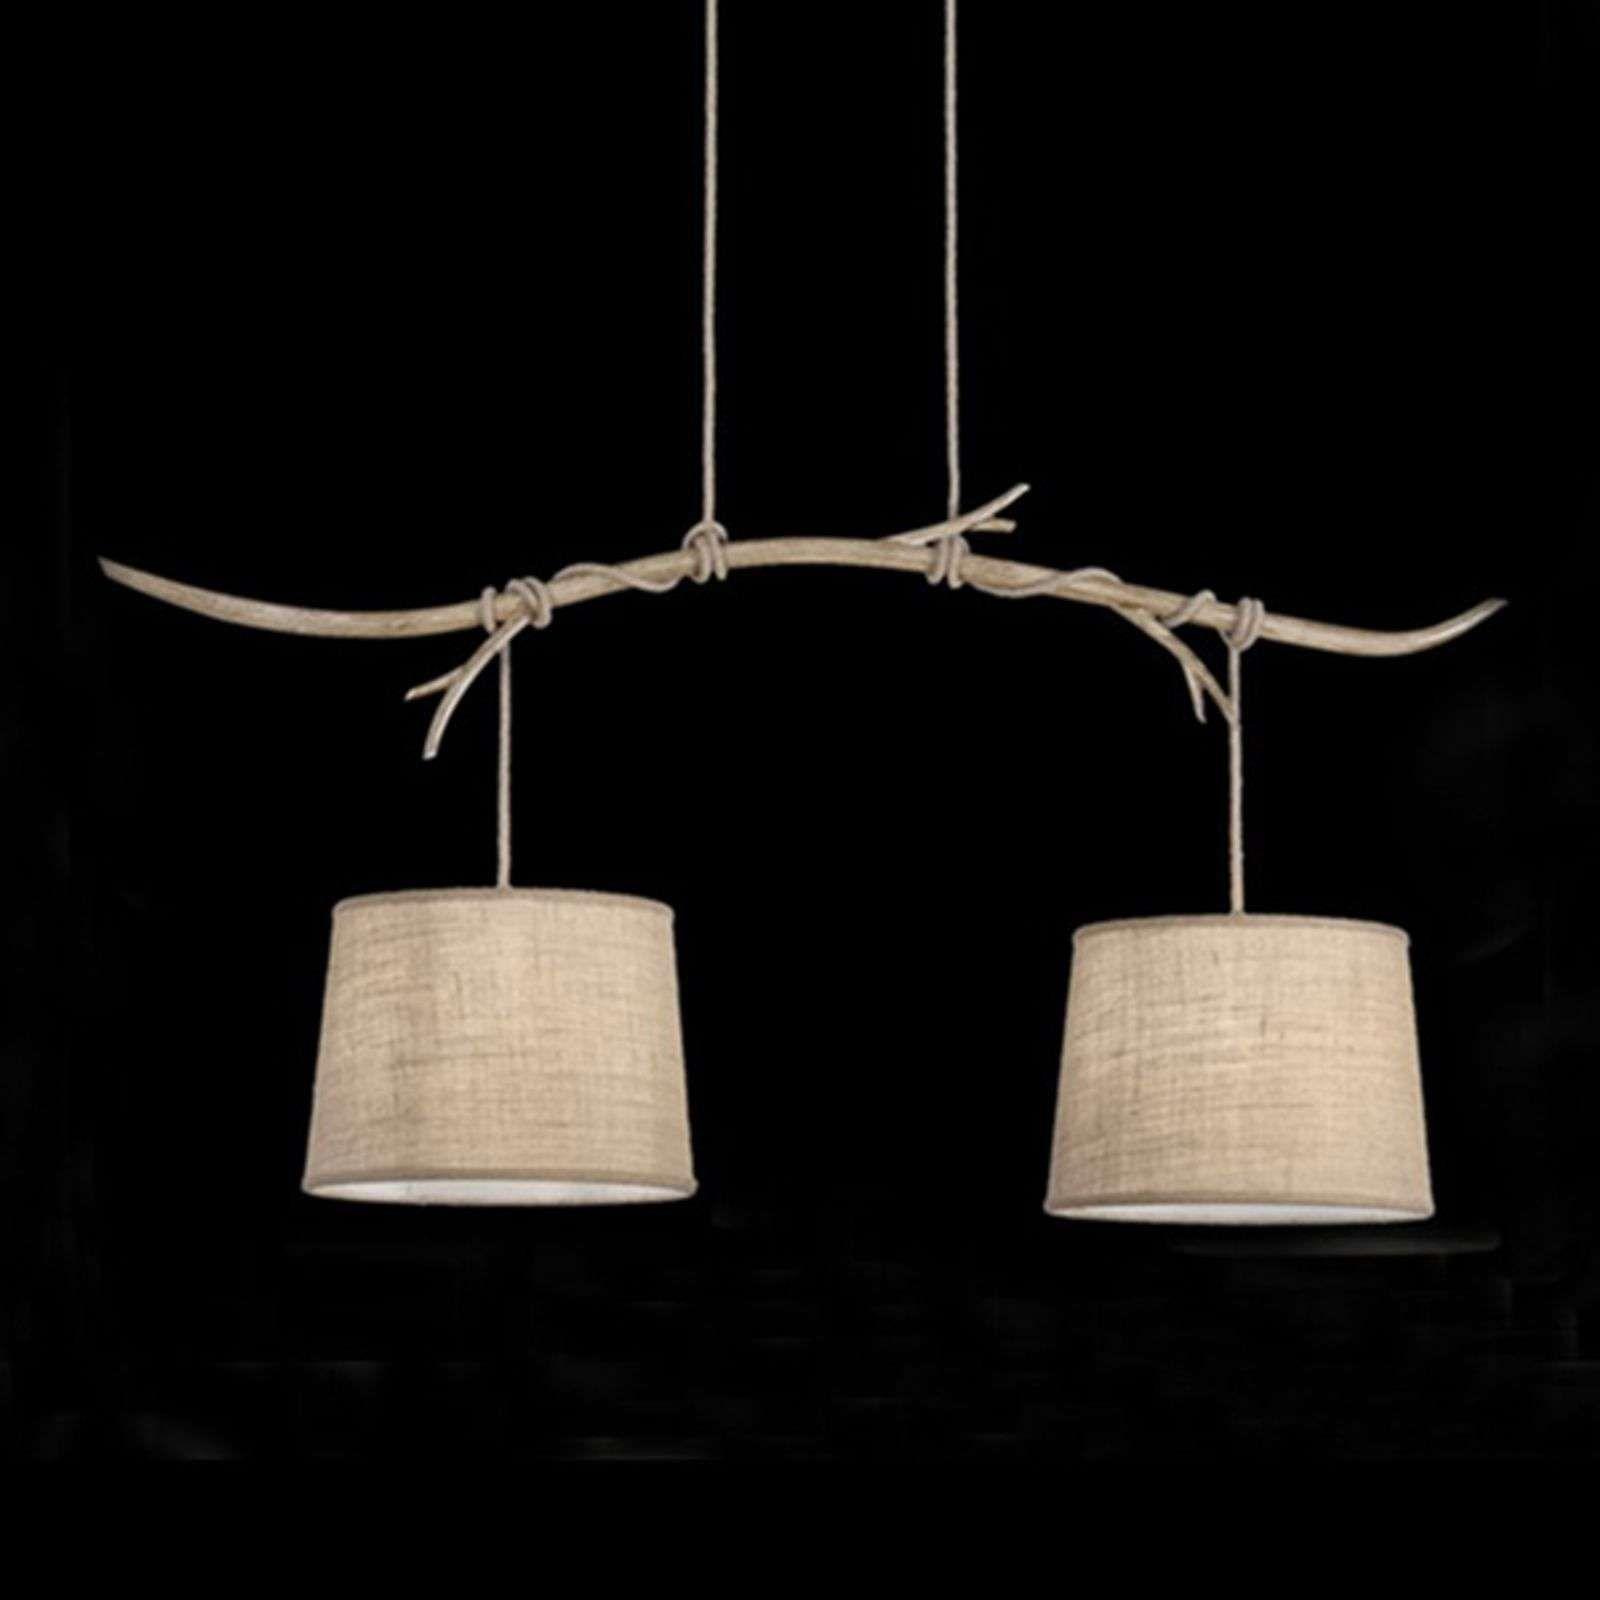 Witte Hanglamp Eettafel Hanglamp Slaapkamer Grote Hanglamp Wit Woonkamer Hanglamp Hanglamp Industrieel Zwart Fra In 2020 Hanglamp Lampenkappen Lampen Woonkamer